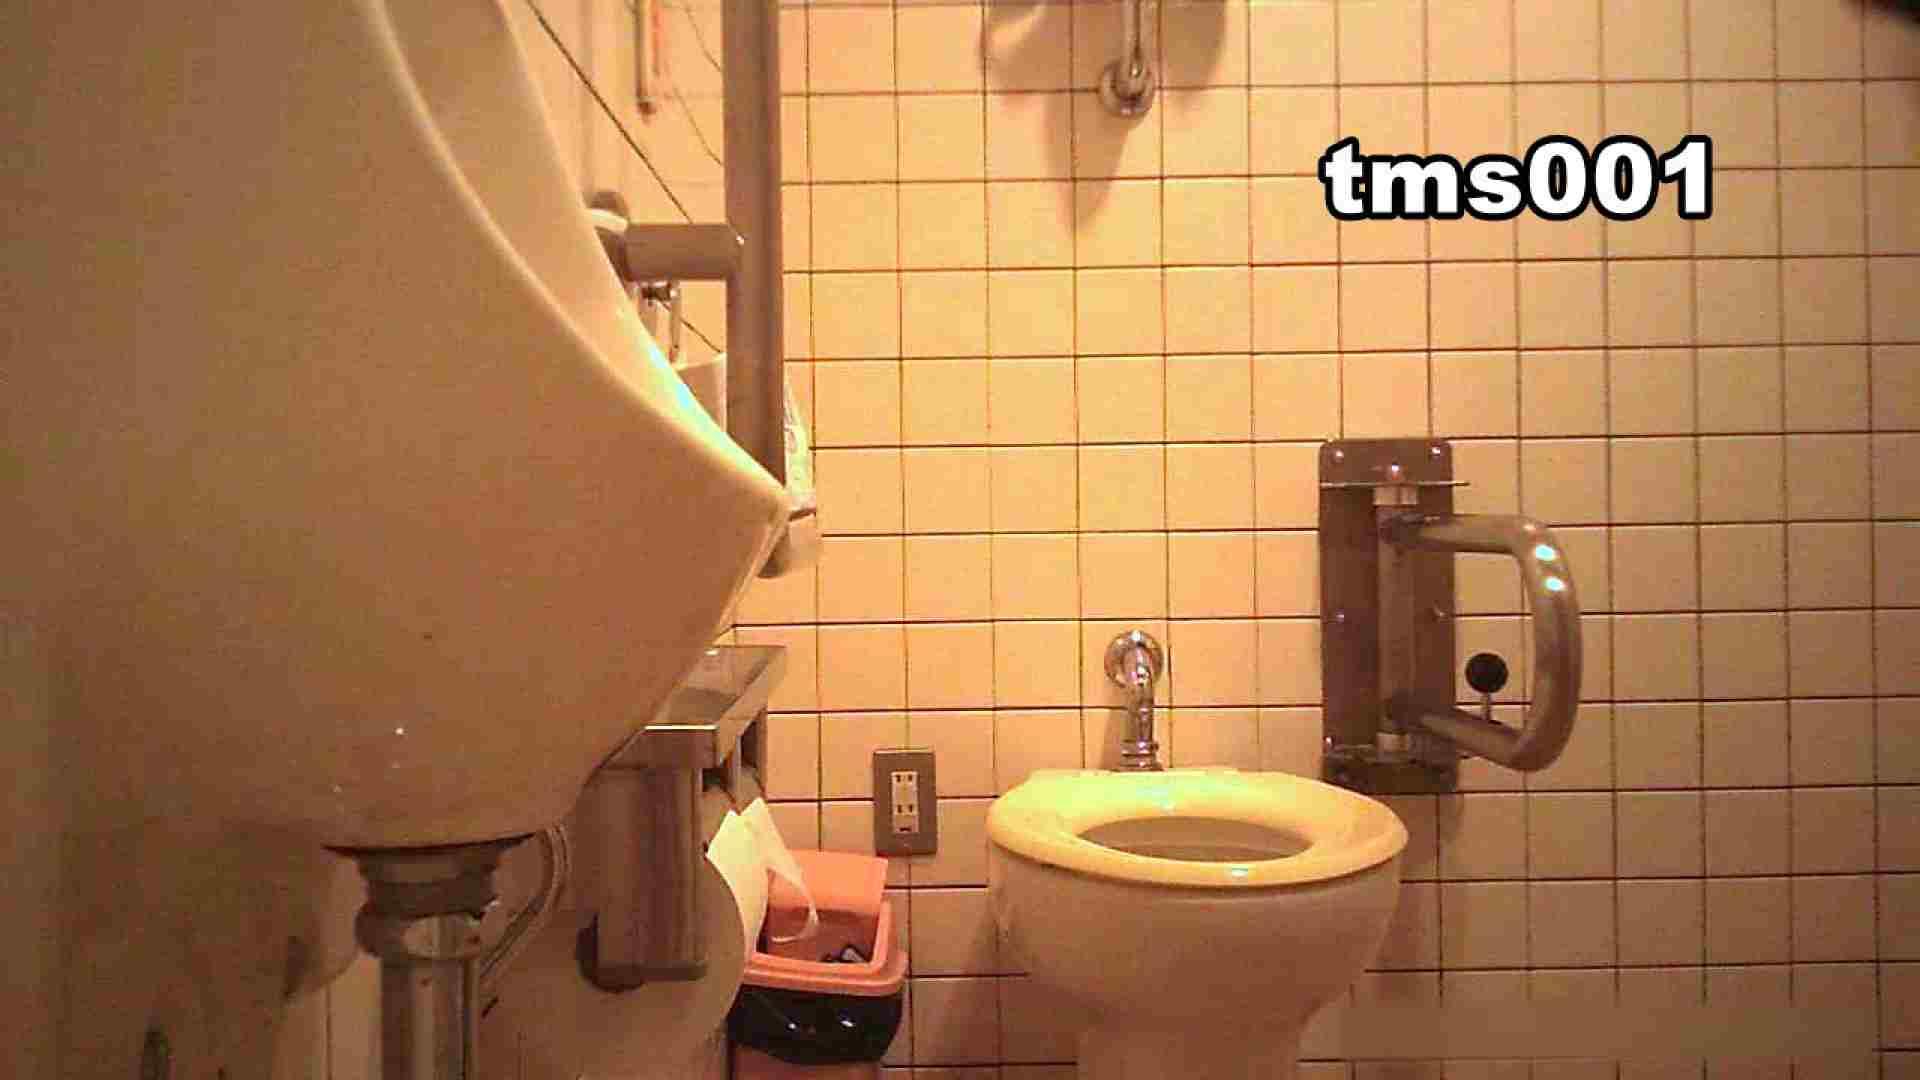 トイメンの割れ目 vol.001 洗面所シーン AV動画キャプチャ 91画像 24